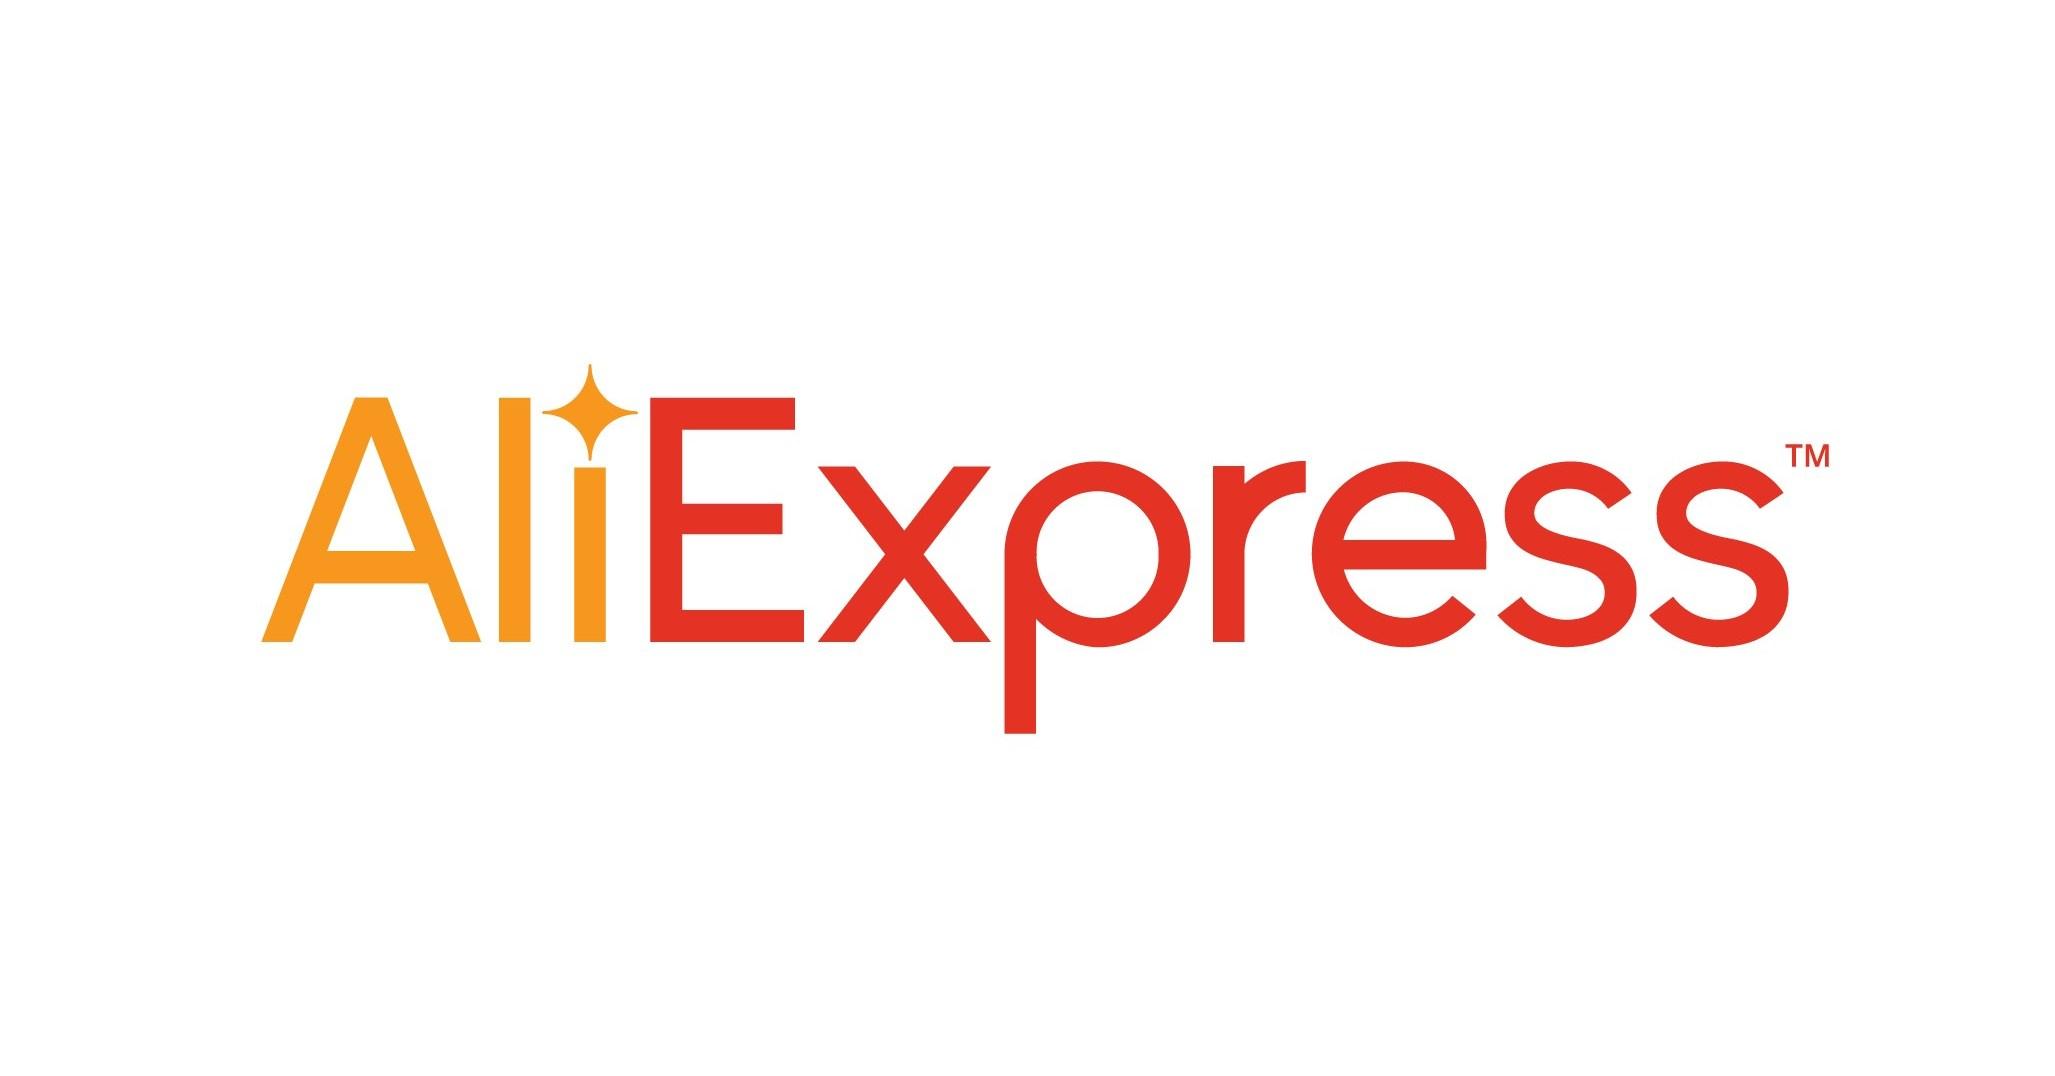 Descubra os melhores cupons de desconto para compras no AliExpress